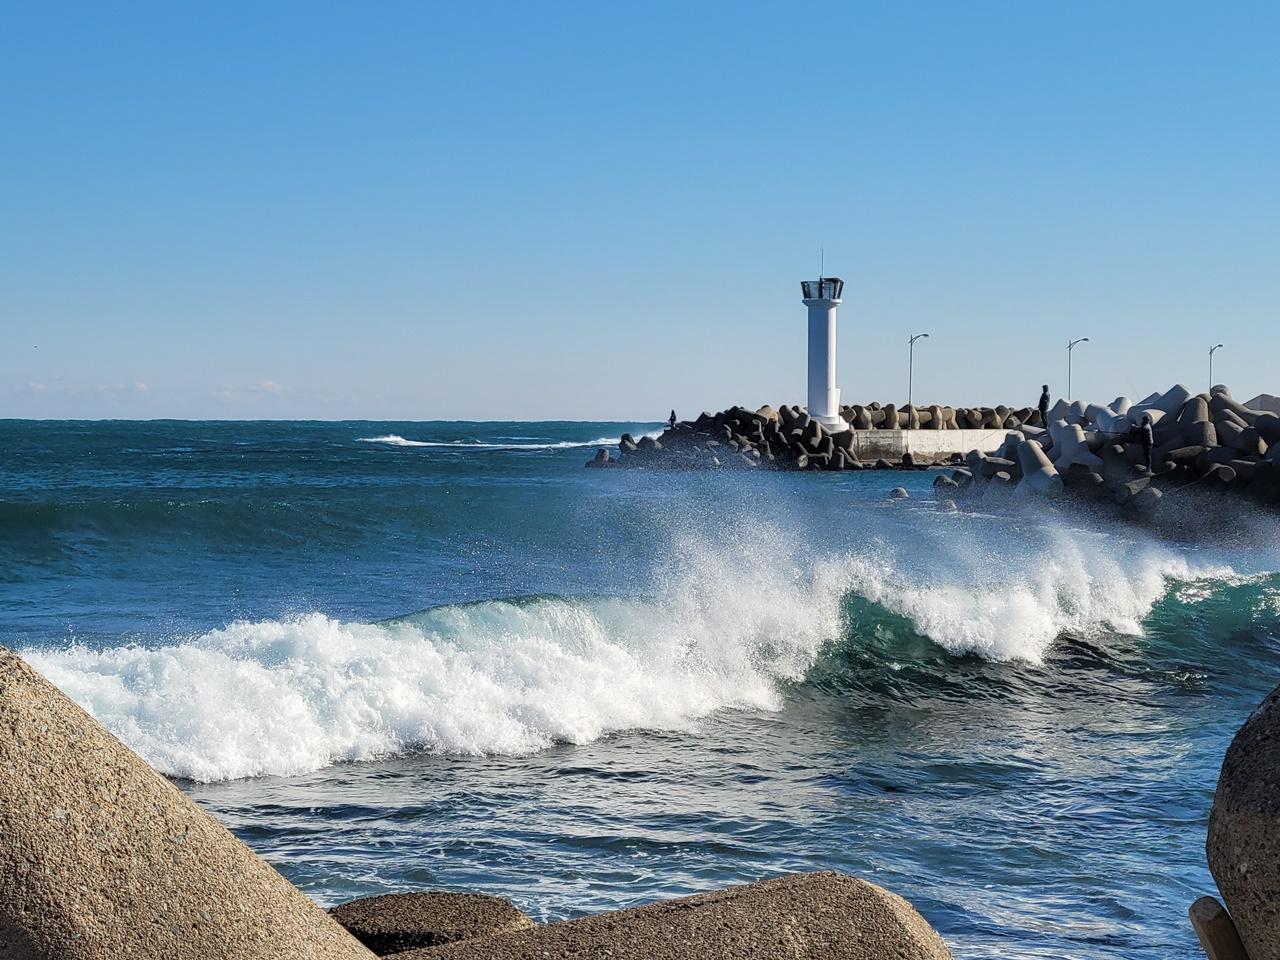 [다시, 걷다] (8) 구룡포~호미곶...바닷가 산책로에도 '멜로'와 '누아르'가 있다